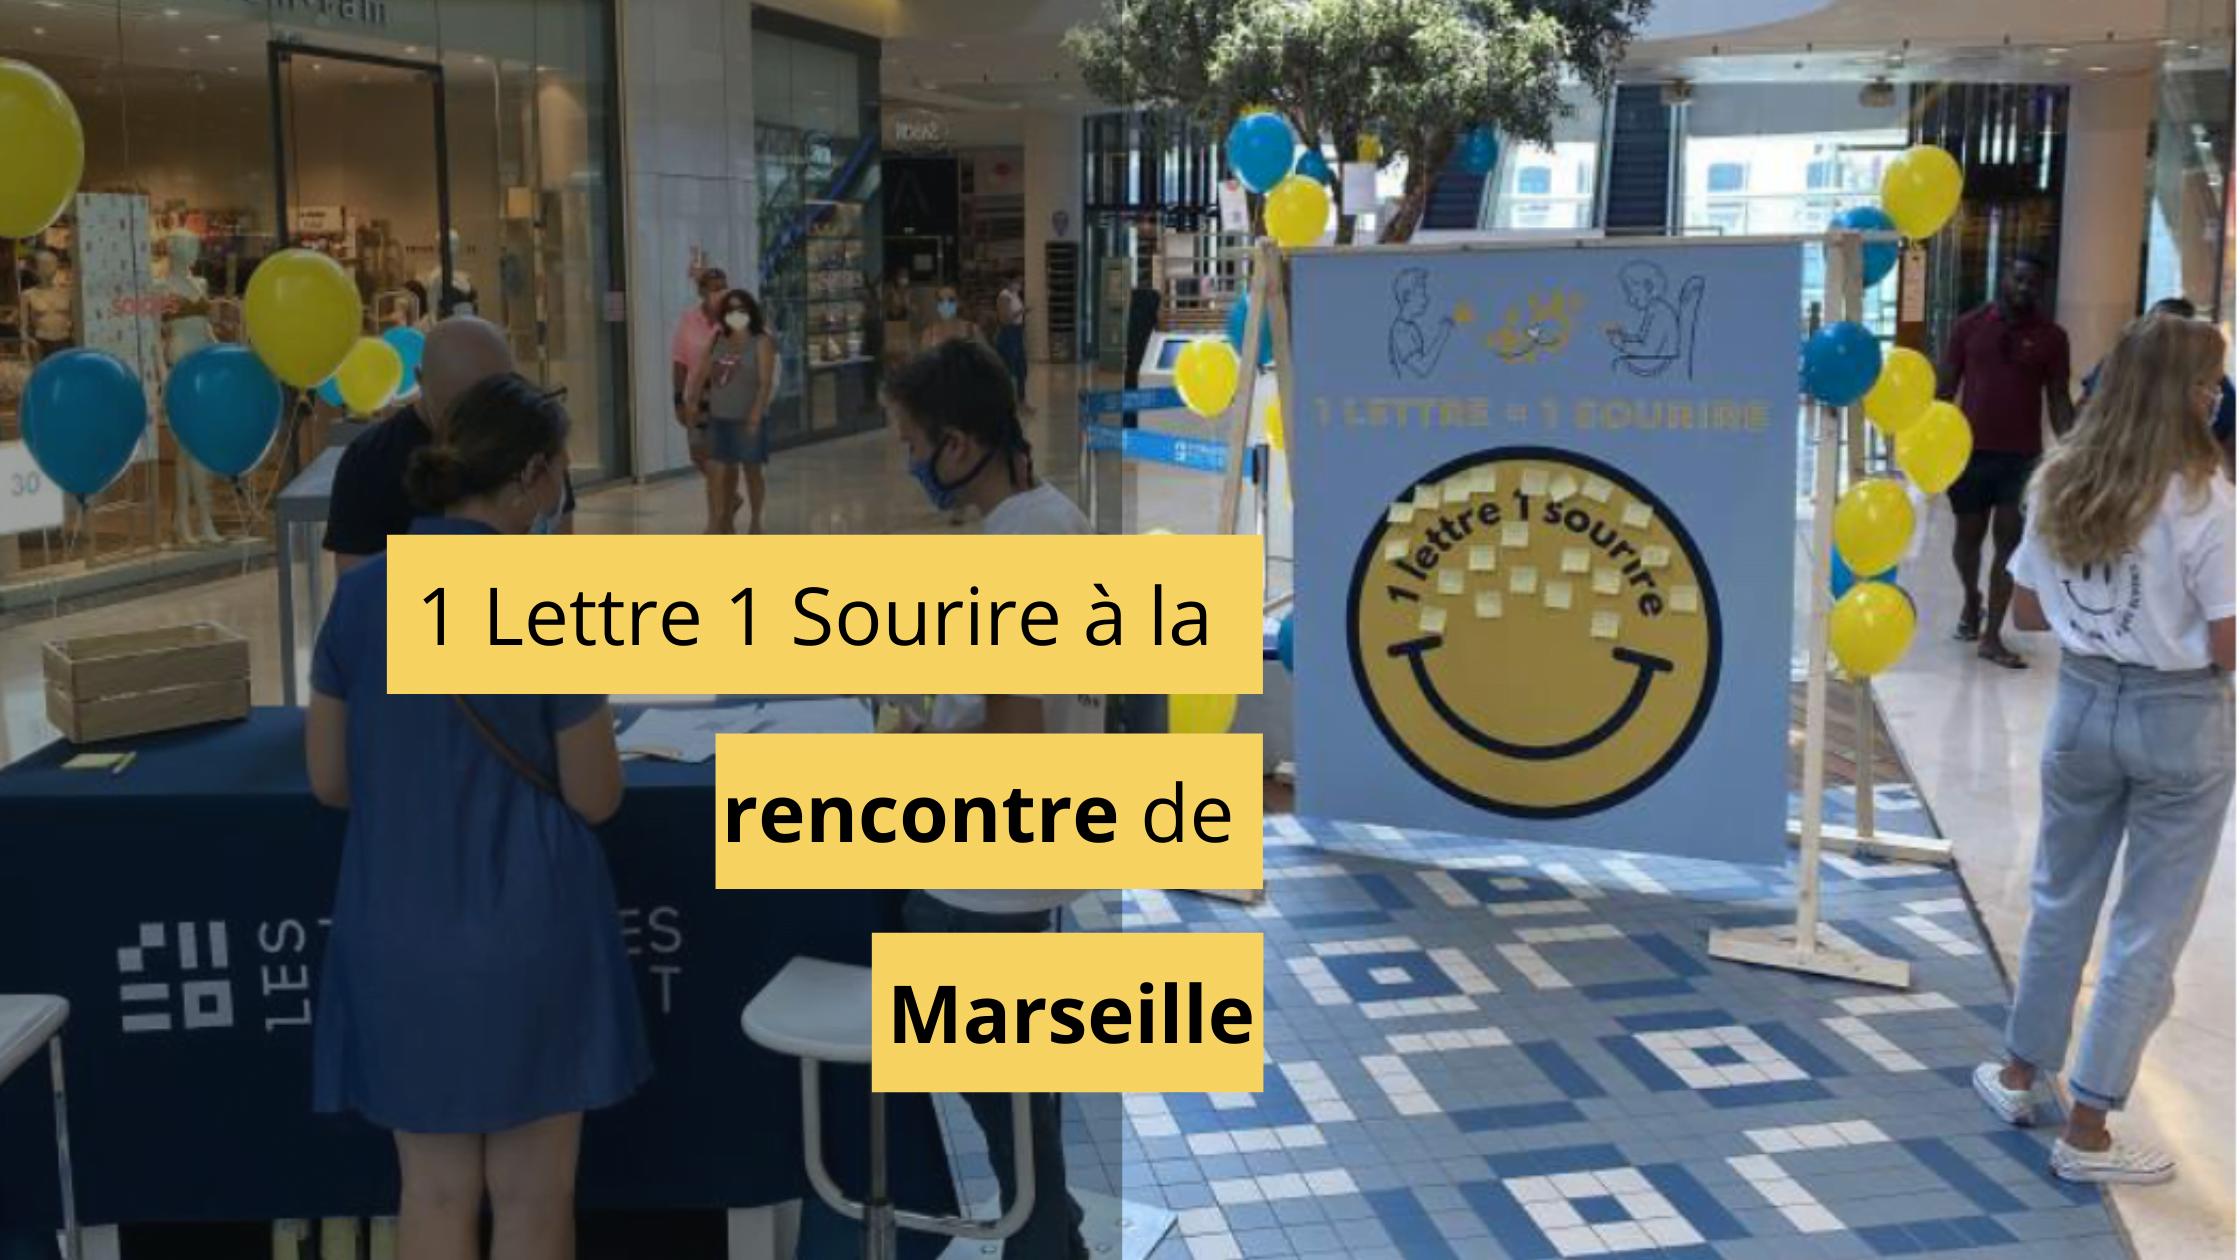 1 Lettre 1 Sourire à Marseille